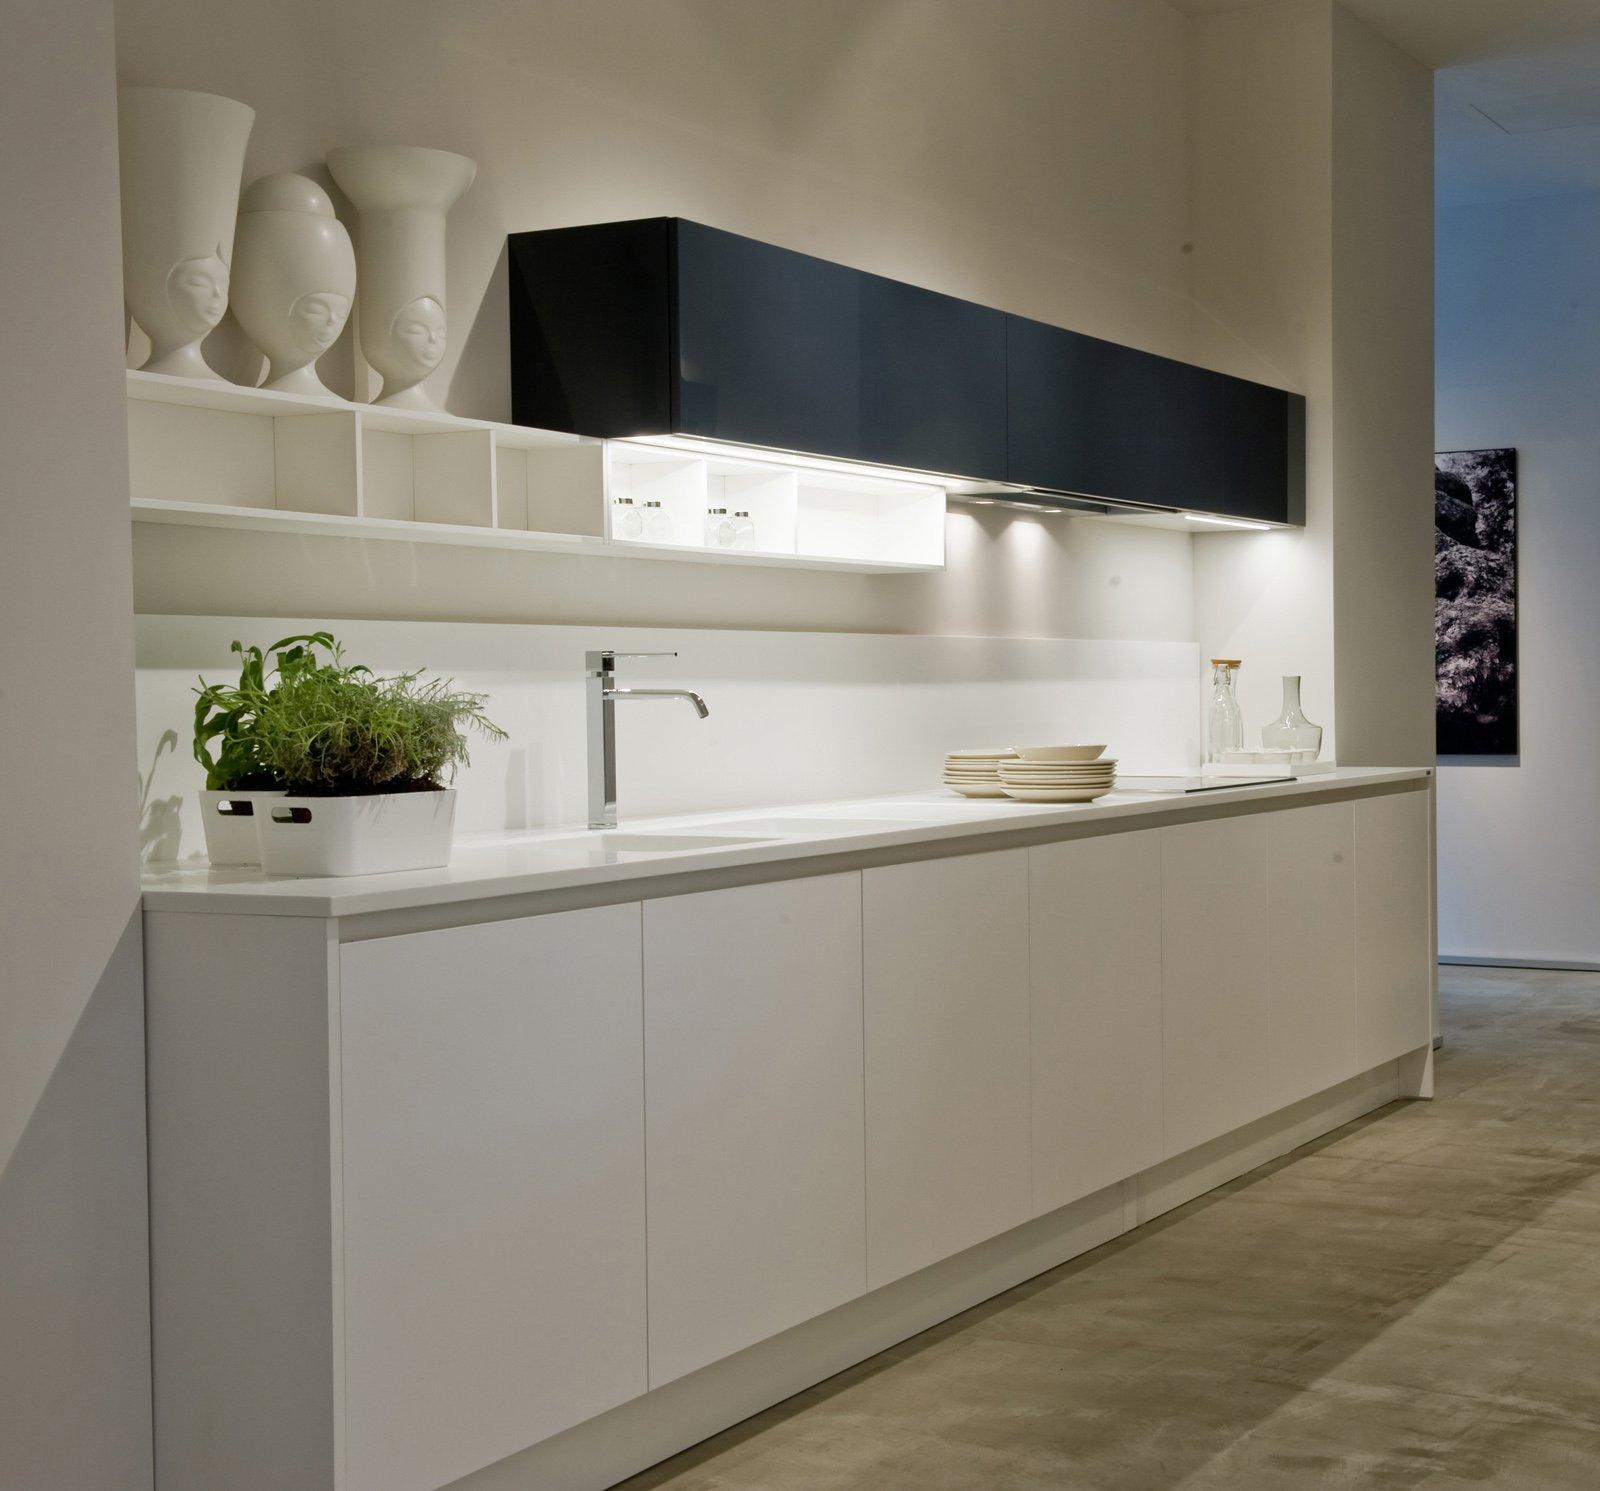 Ernestomeda nuovo showroom a bari cose di casa - Tutto cucine carre ...